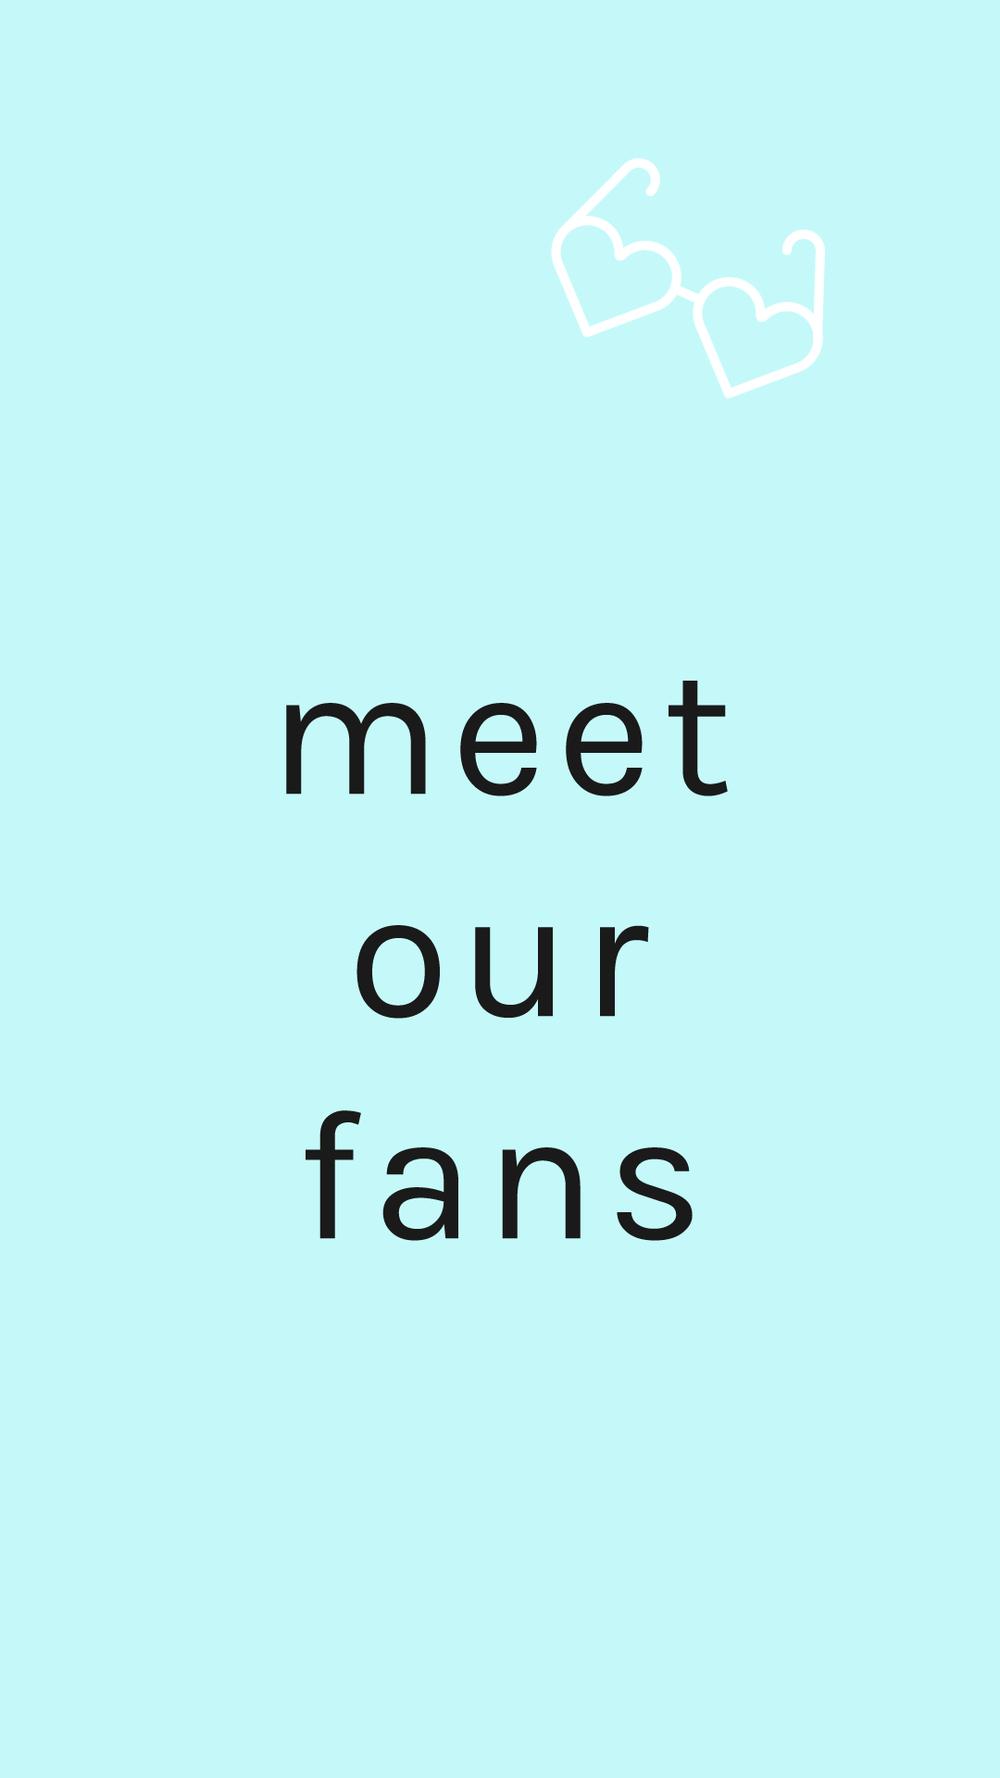 Fans_001.png